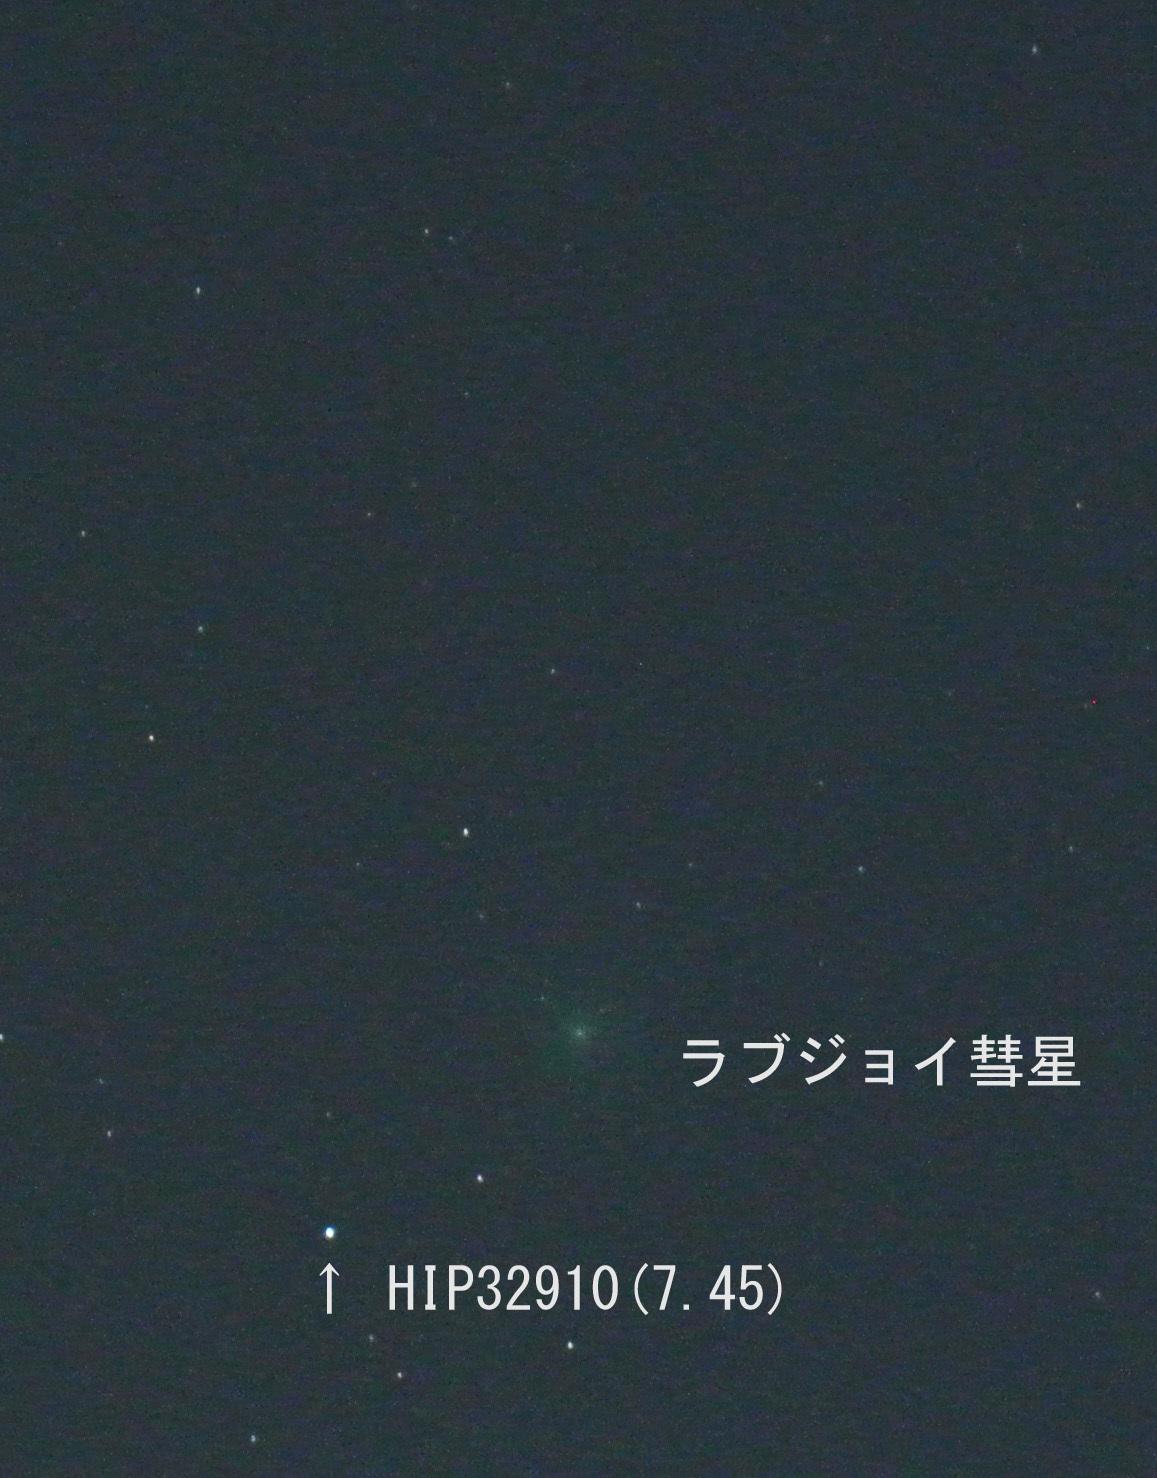 2014年12月13日、15日のラブジョイ彗星(C/2014 Q2)_e0089232_14140669.jpg